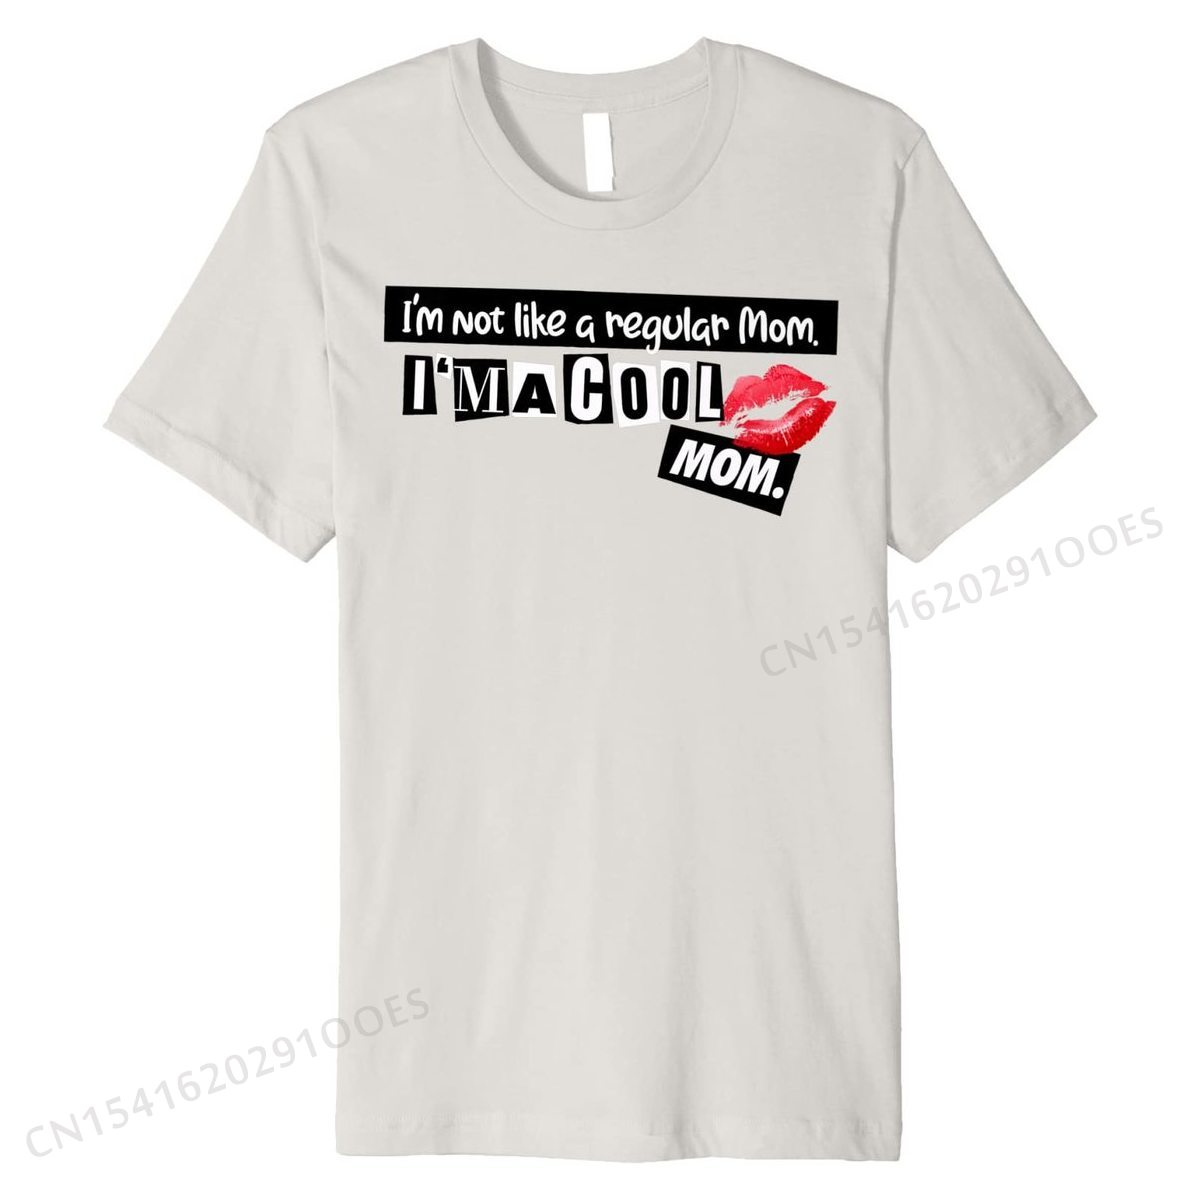 I not a regular mom I'm a cool mom Premium, Хлопковая мужская футболка, нормальные топы, футболки, дизайнерские уличные футболки